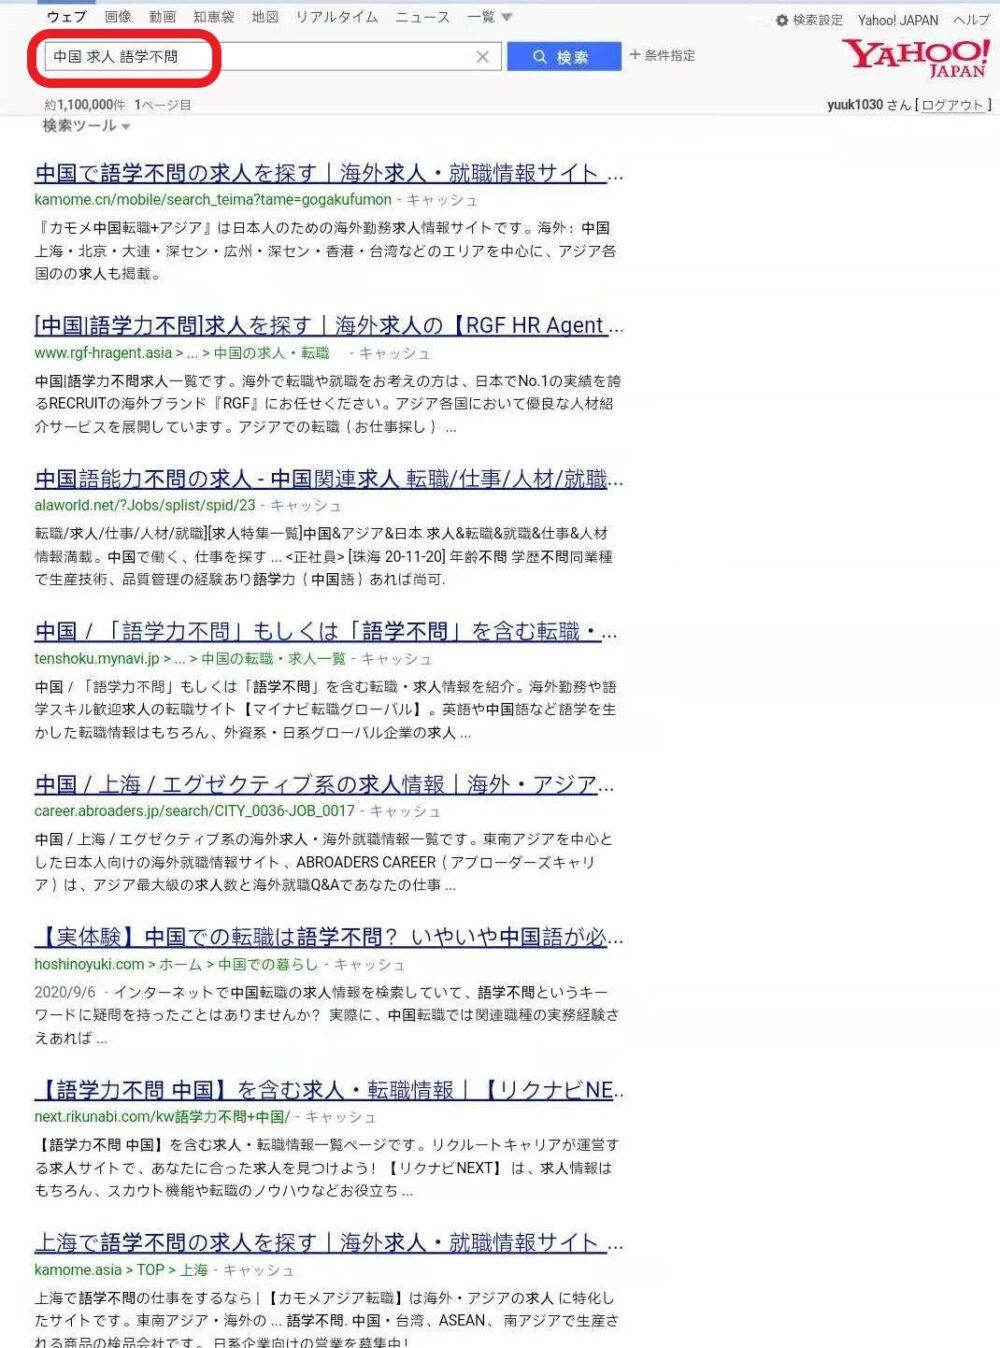 中国で語学力不問の求人の検索結果の写真